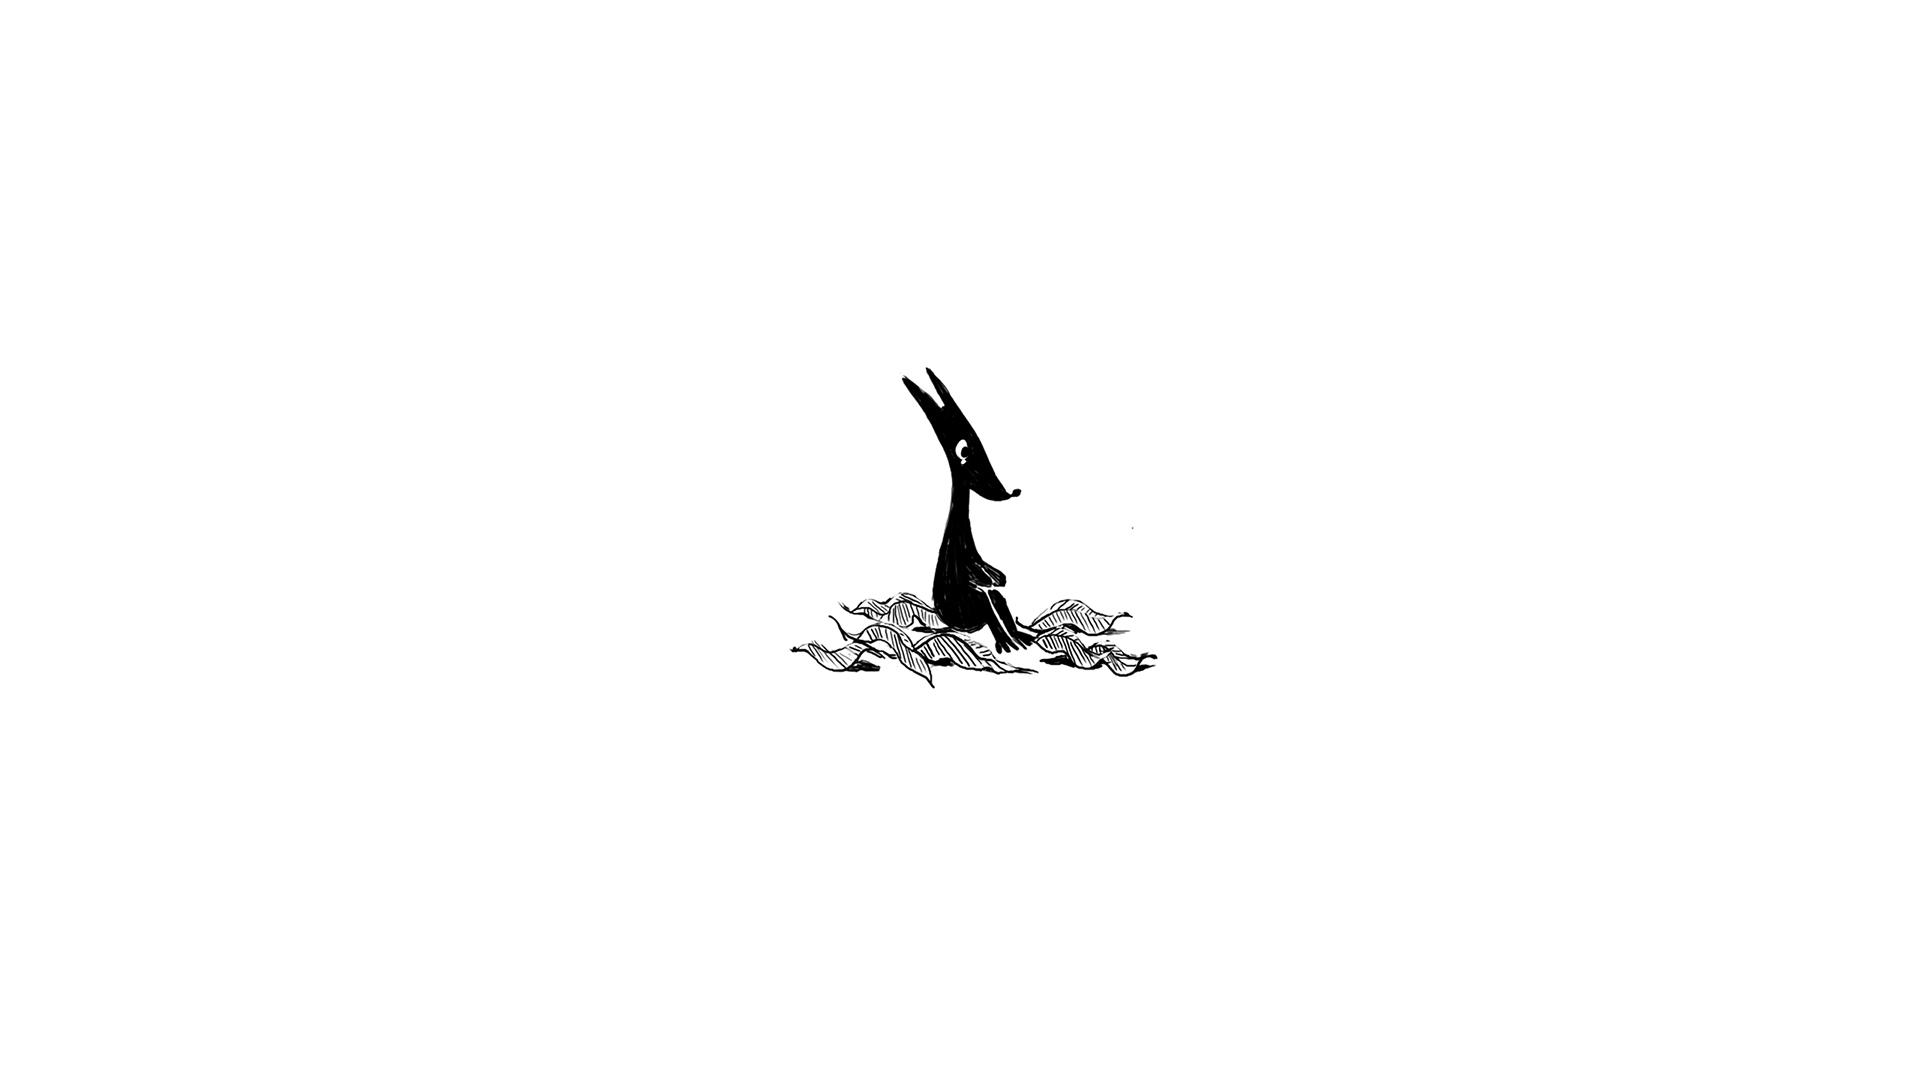 過去作品公開:「Dear Little Tim」/ K・チャヤーニット